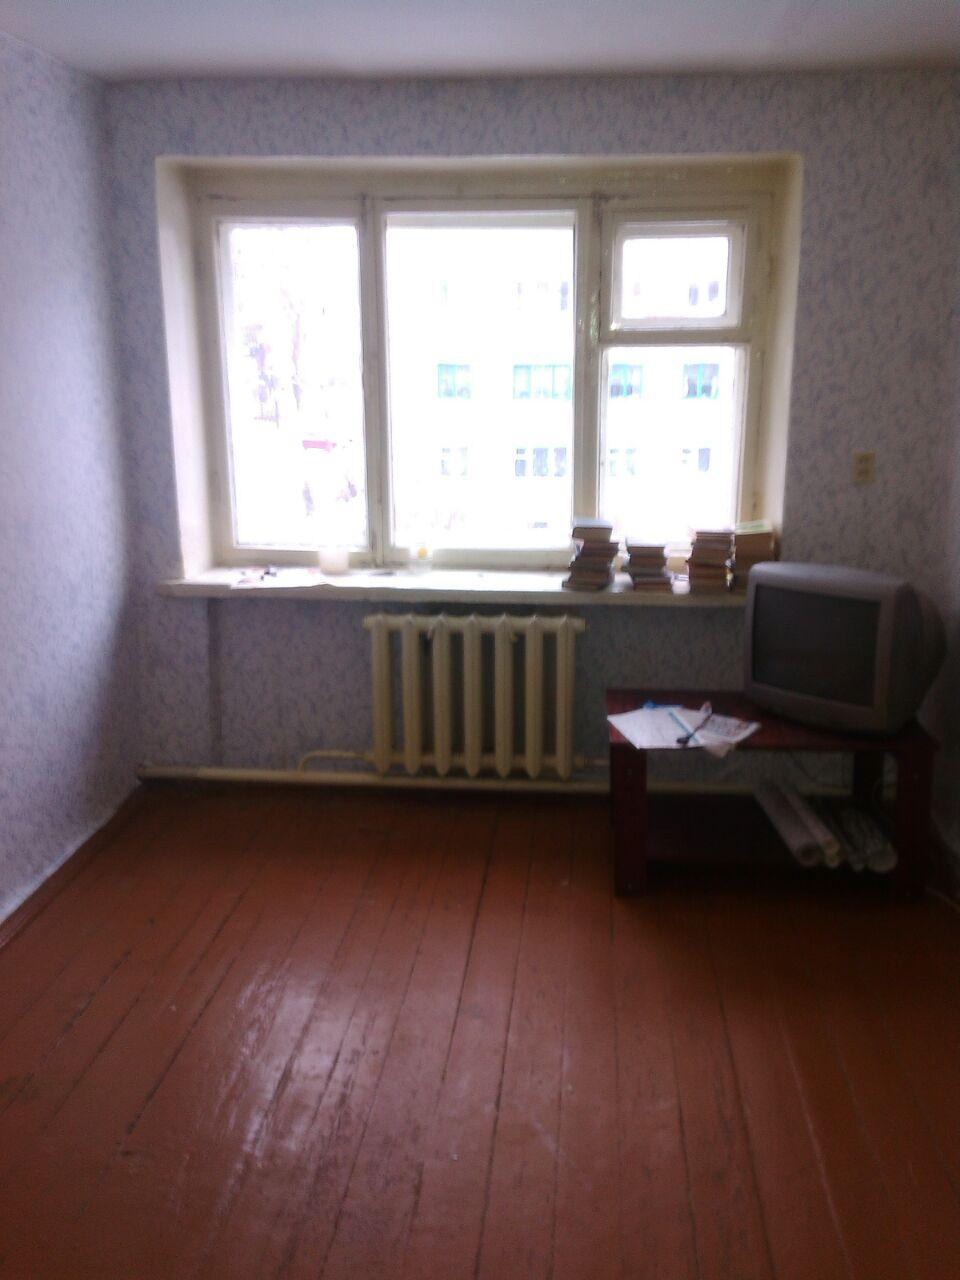 продается светлая, просторная комната в центре города зеленодольска. отдельно вы ...